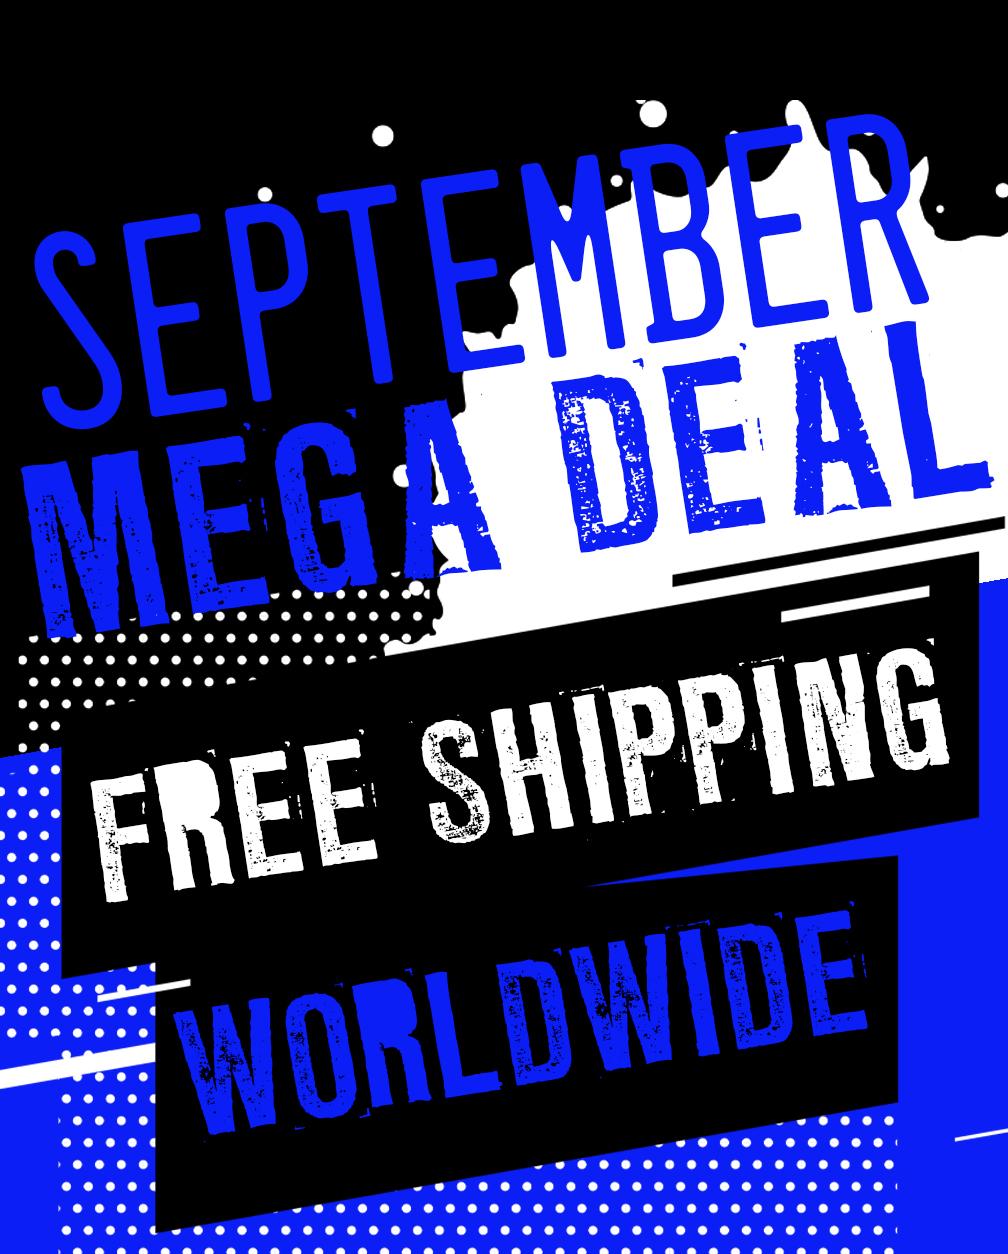 september-mega-sale-free-worldwide-shipping-2021.jpg